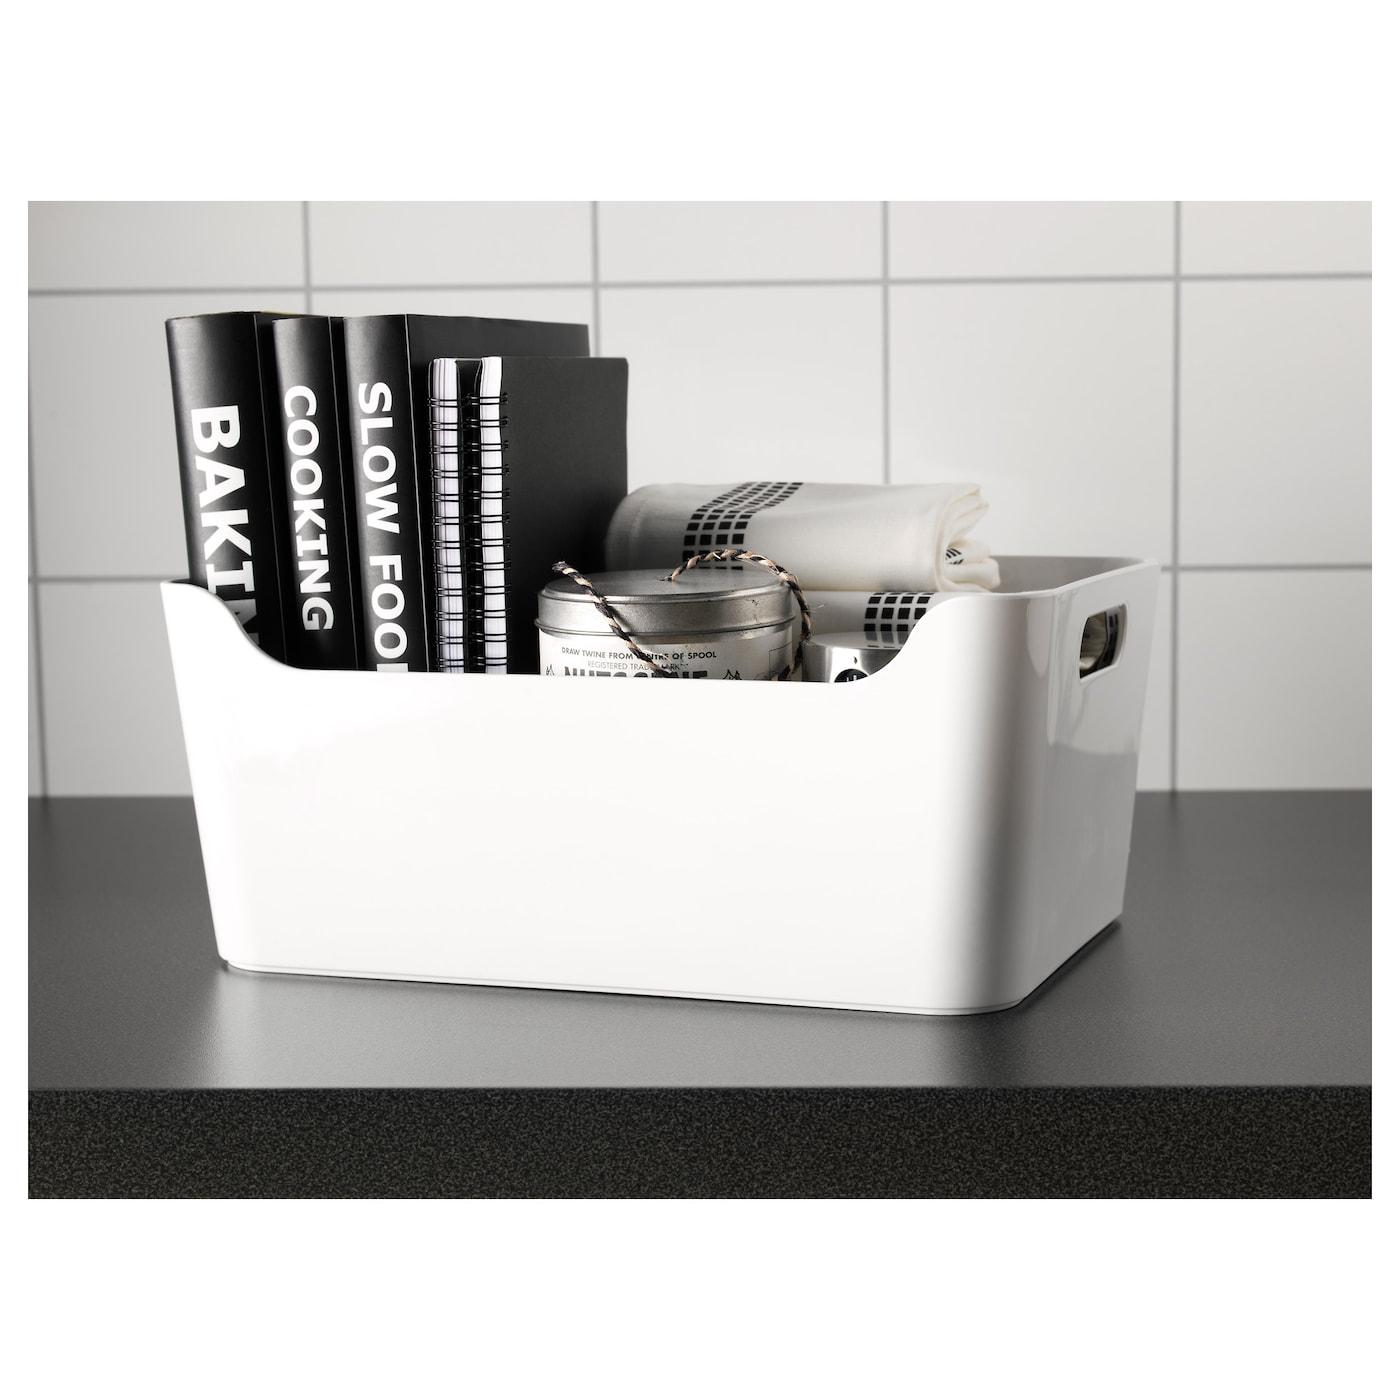 tama/ño grande IKEA Variera Organizador para armario color blanco